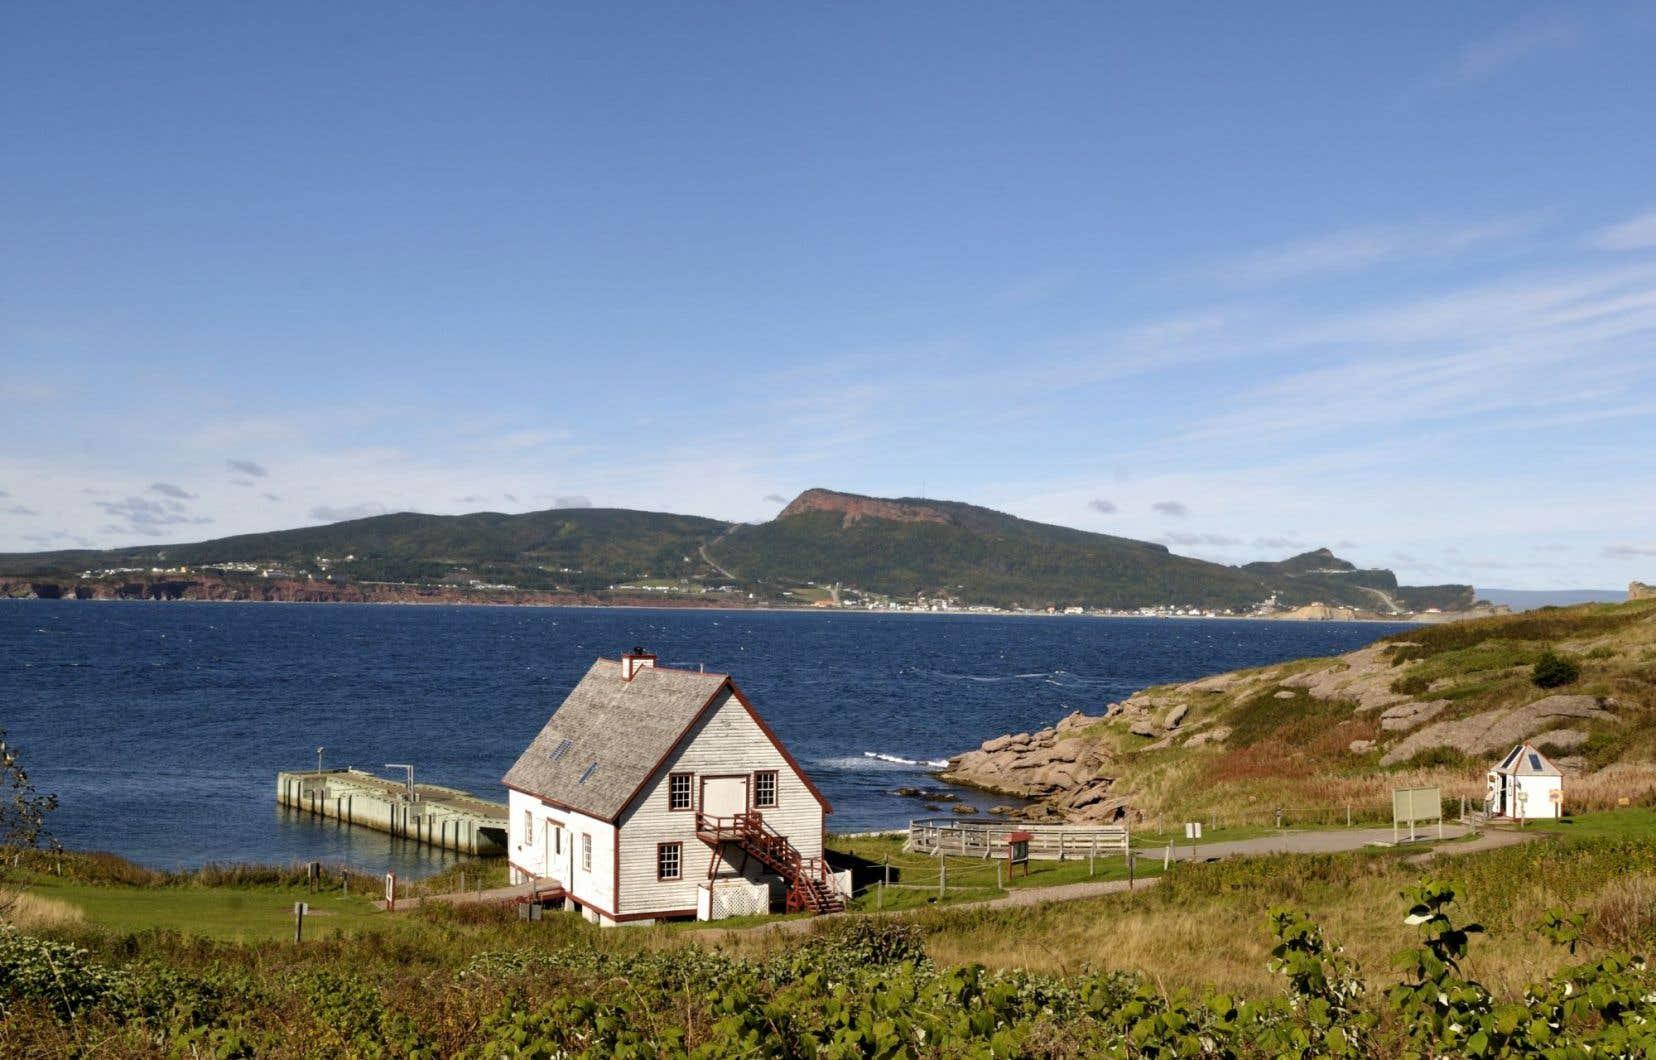 «Les pouvoirs publics doivent prendre conscience des atouts et du potentiel d'avenir de la Gaspésie», écrit l'auteur.